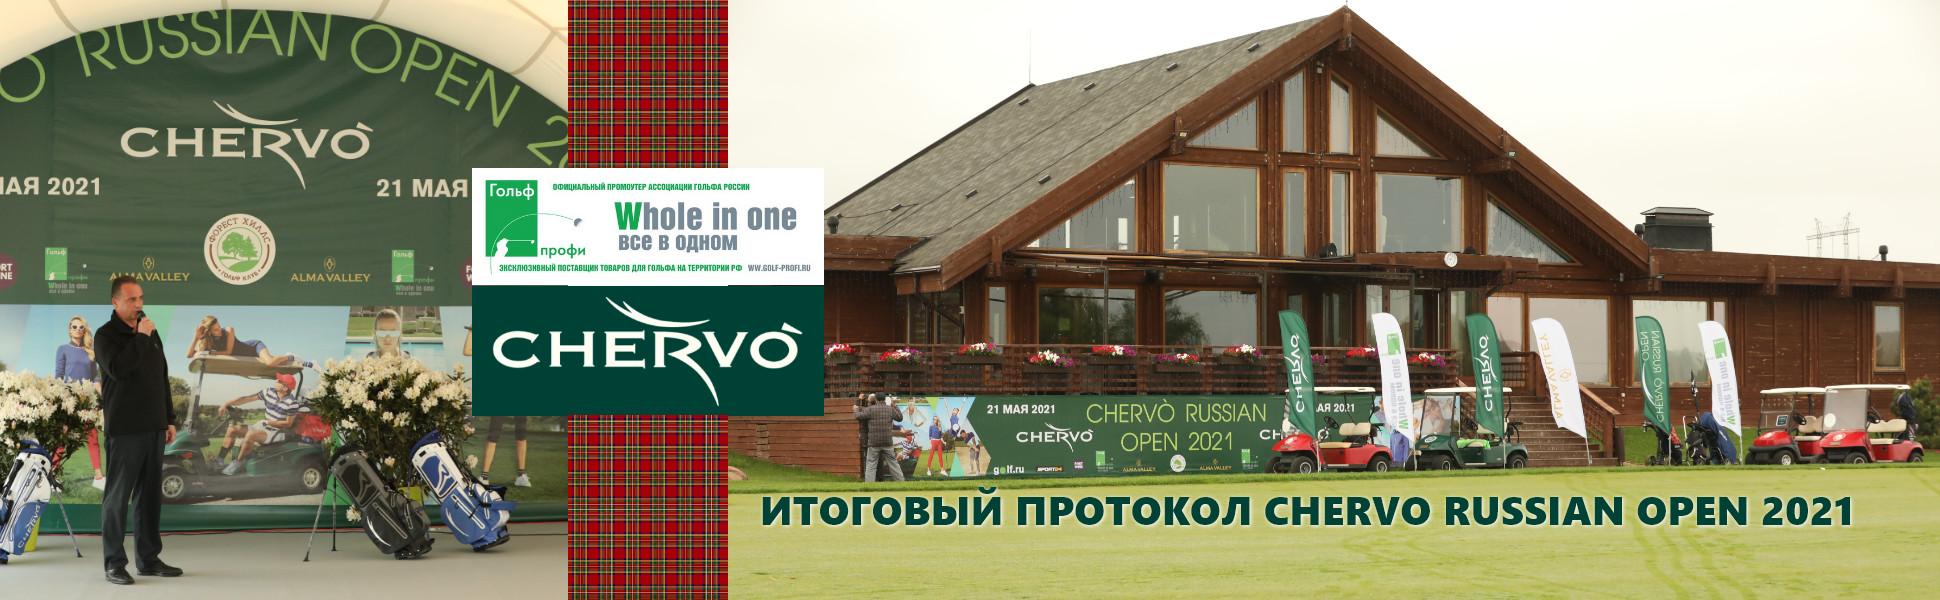 Итоговый протокол Chervo Russian Open 2021